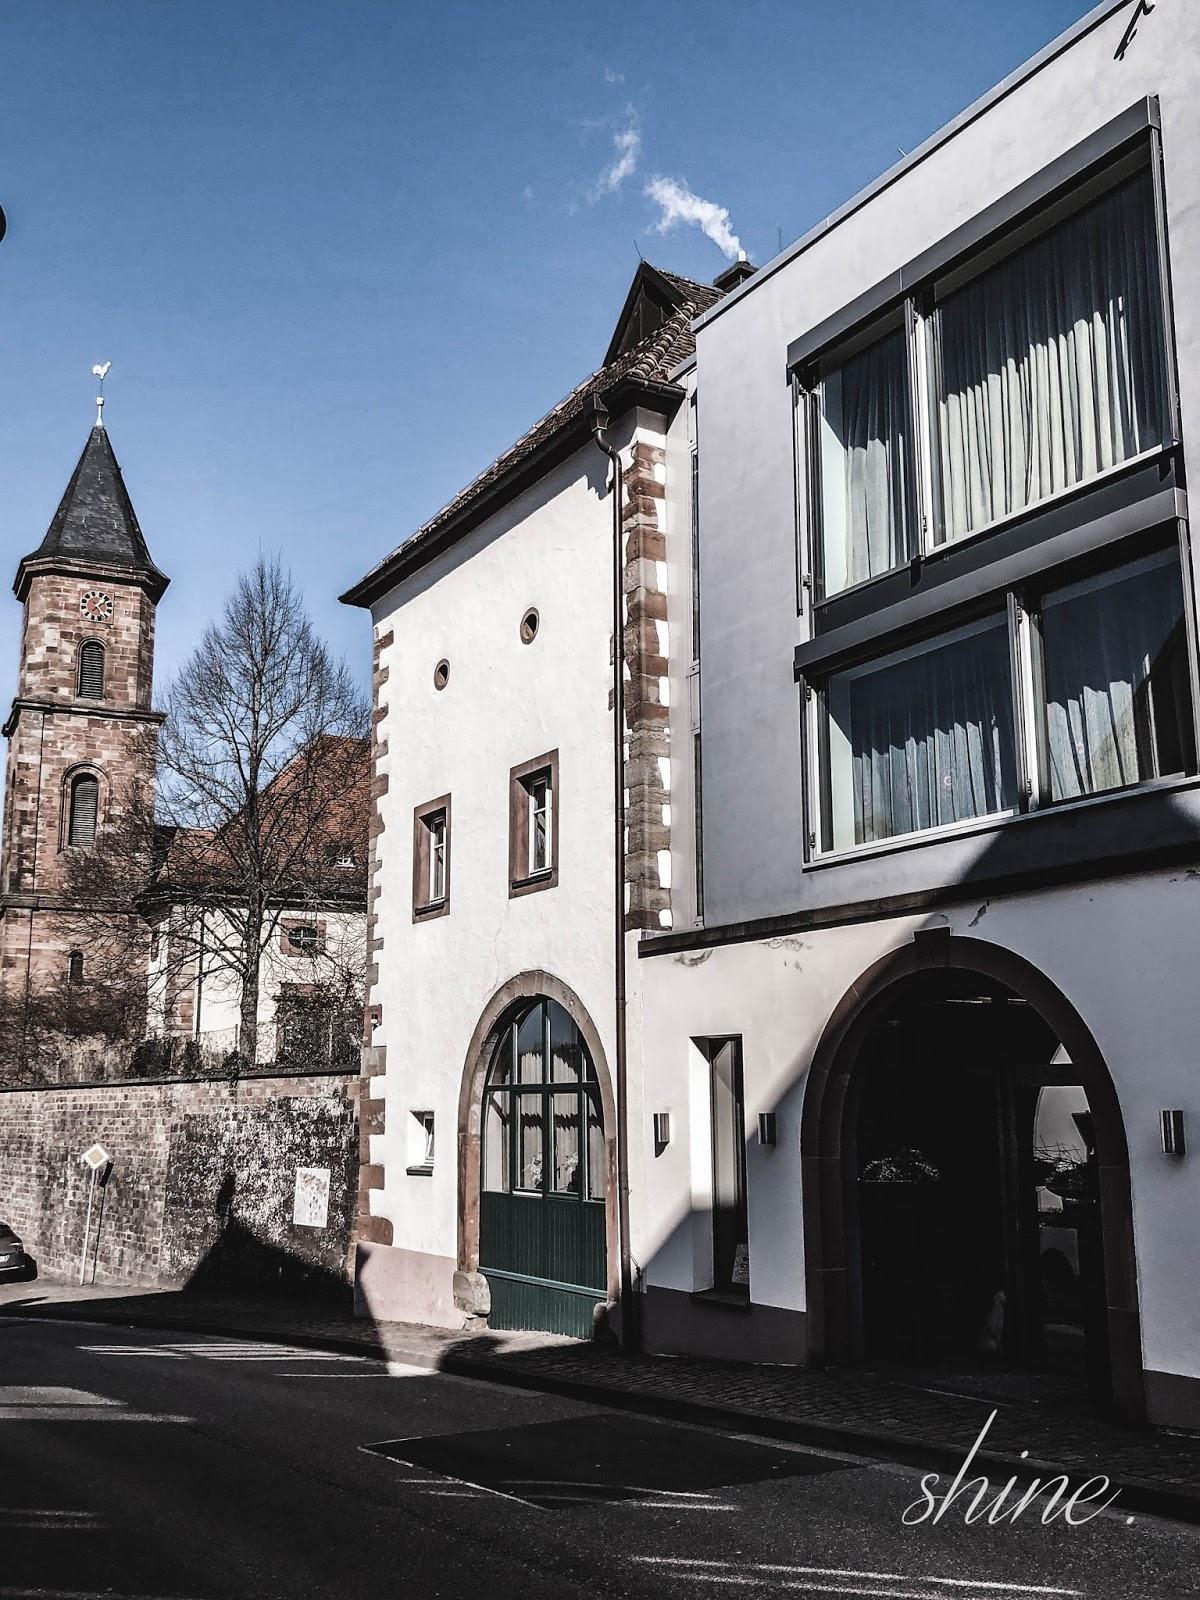 Nowshine - Lösch für Freunde - ü40 Lifestyleblog - Kloster Hornbach - Rheinland Pfalz - Bloggerreise - Pressereise - Erfahrung und Eindrücke -